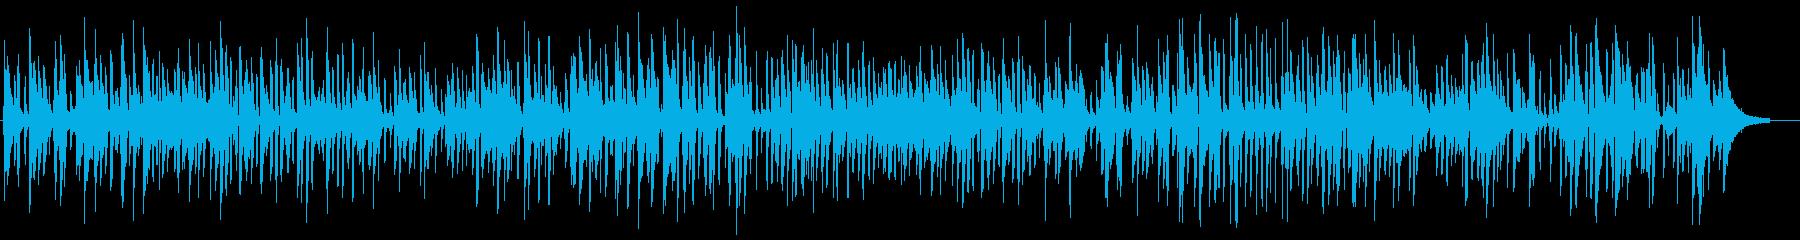 やさしいピアノ中心の生演奏ジャズライブの再生済みの波形